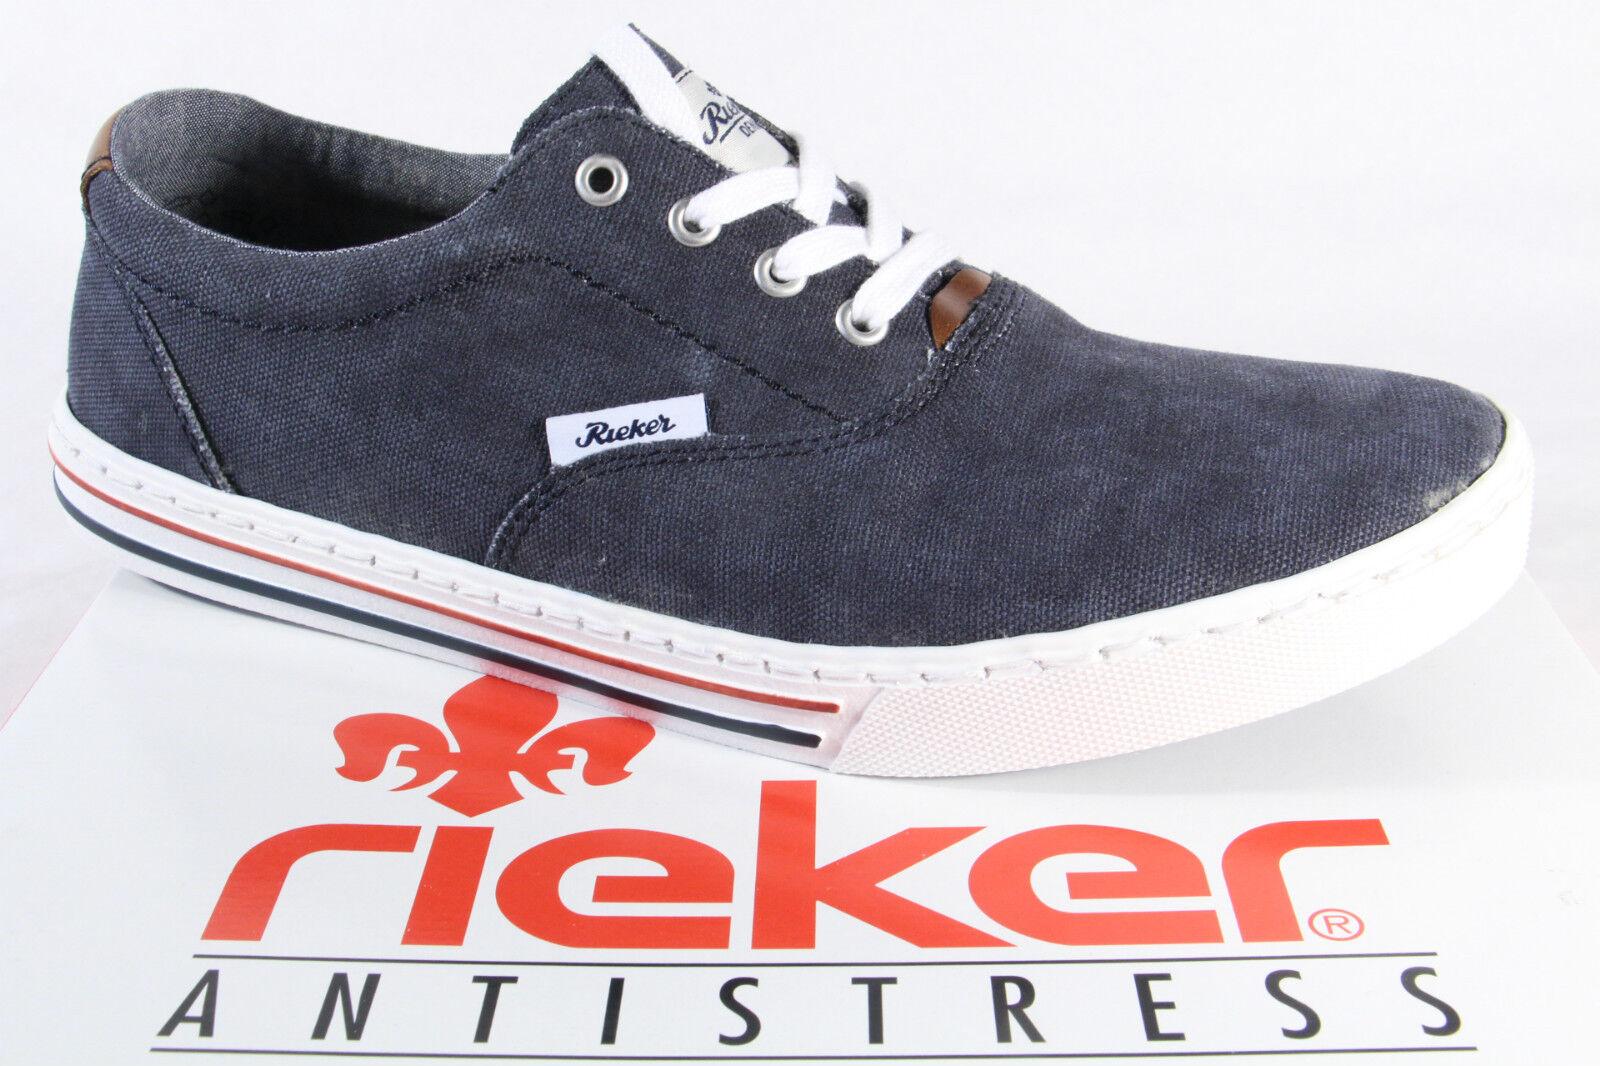 Rieker Men's Lace-Up shoes, Trainers, LOW SHOE TEXTILE blueE NEW